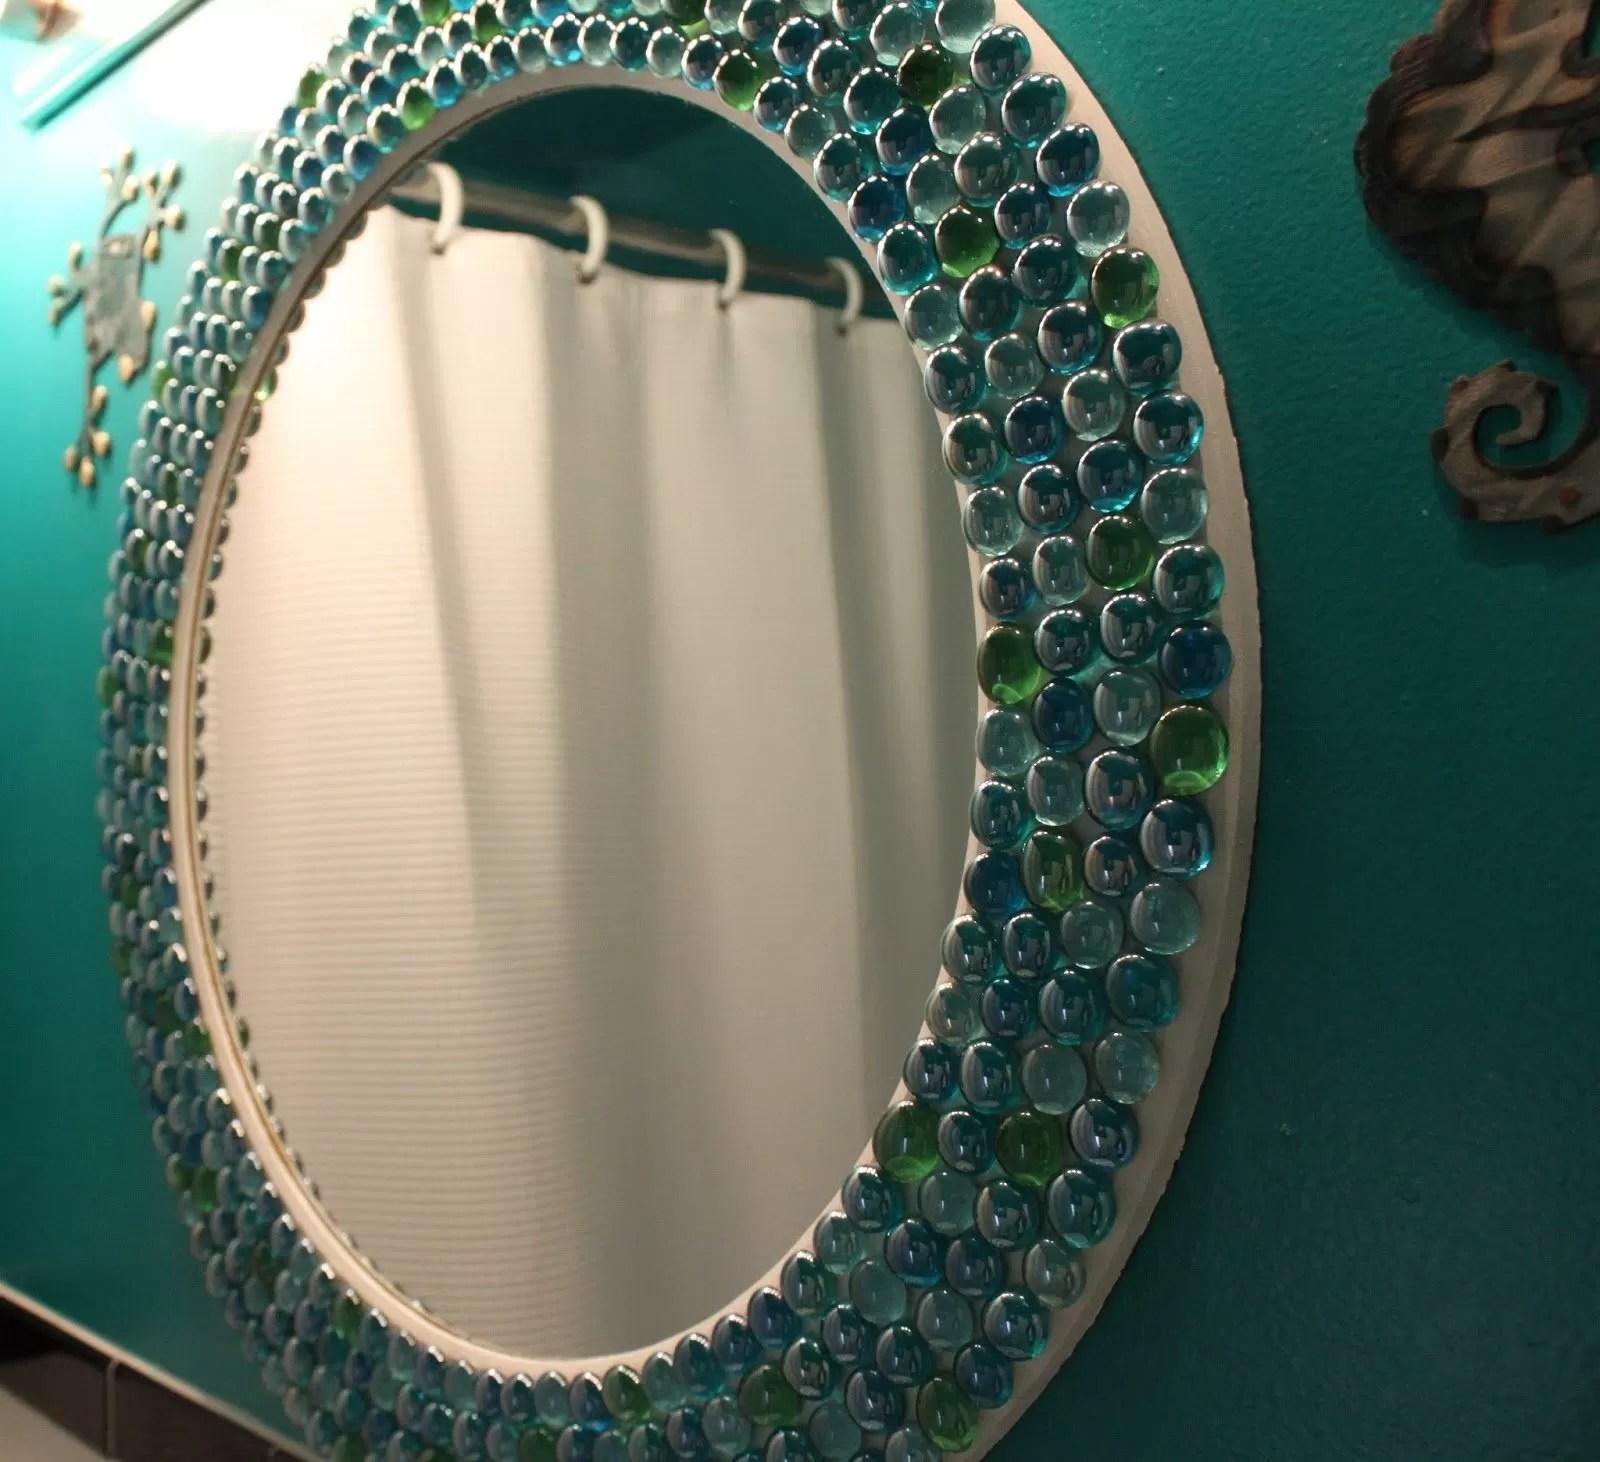 Speilet dekor med gjennomsiktige steiner